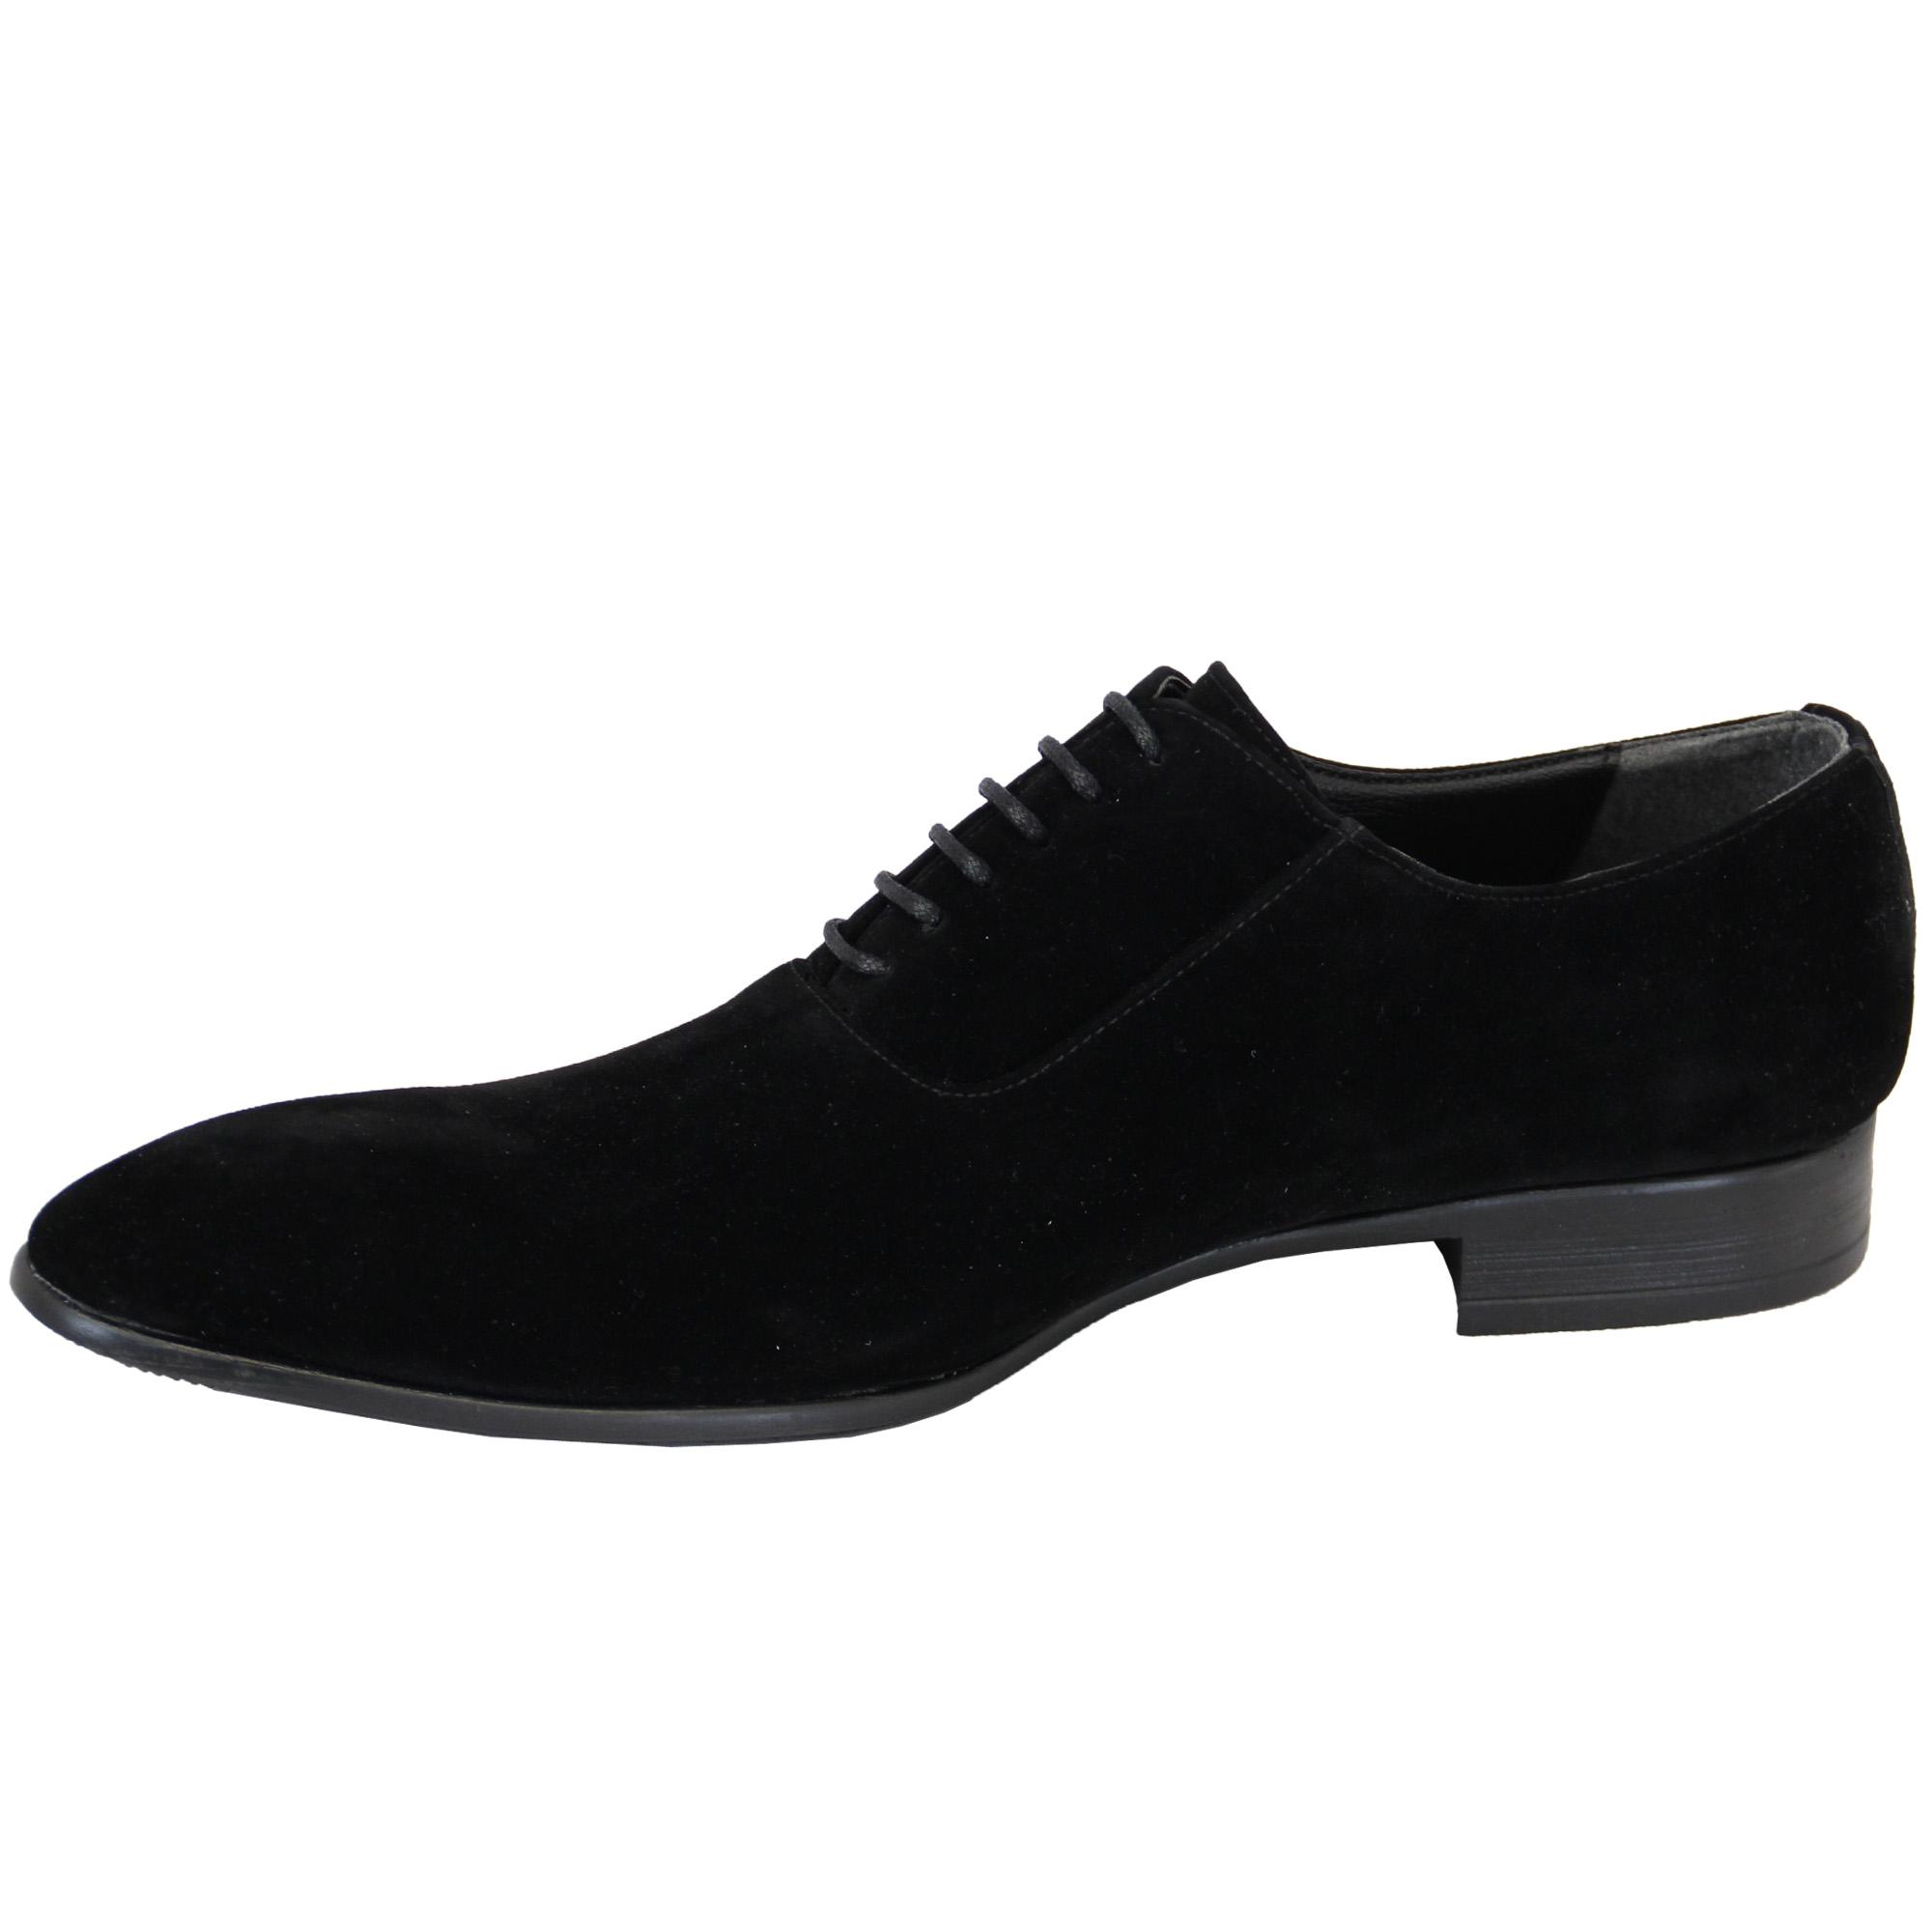 Scarpe Matrimonio Uomo Roma : Da uomo in camoscio look scarpe italiane lacci a punta